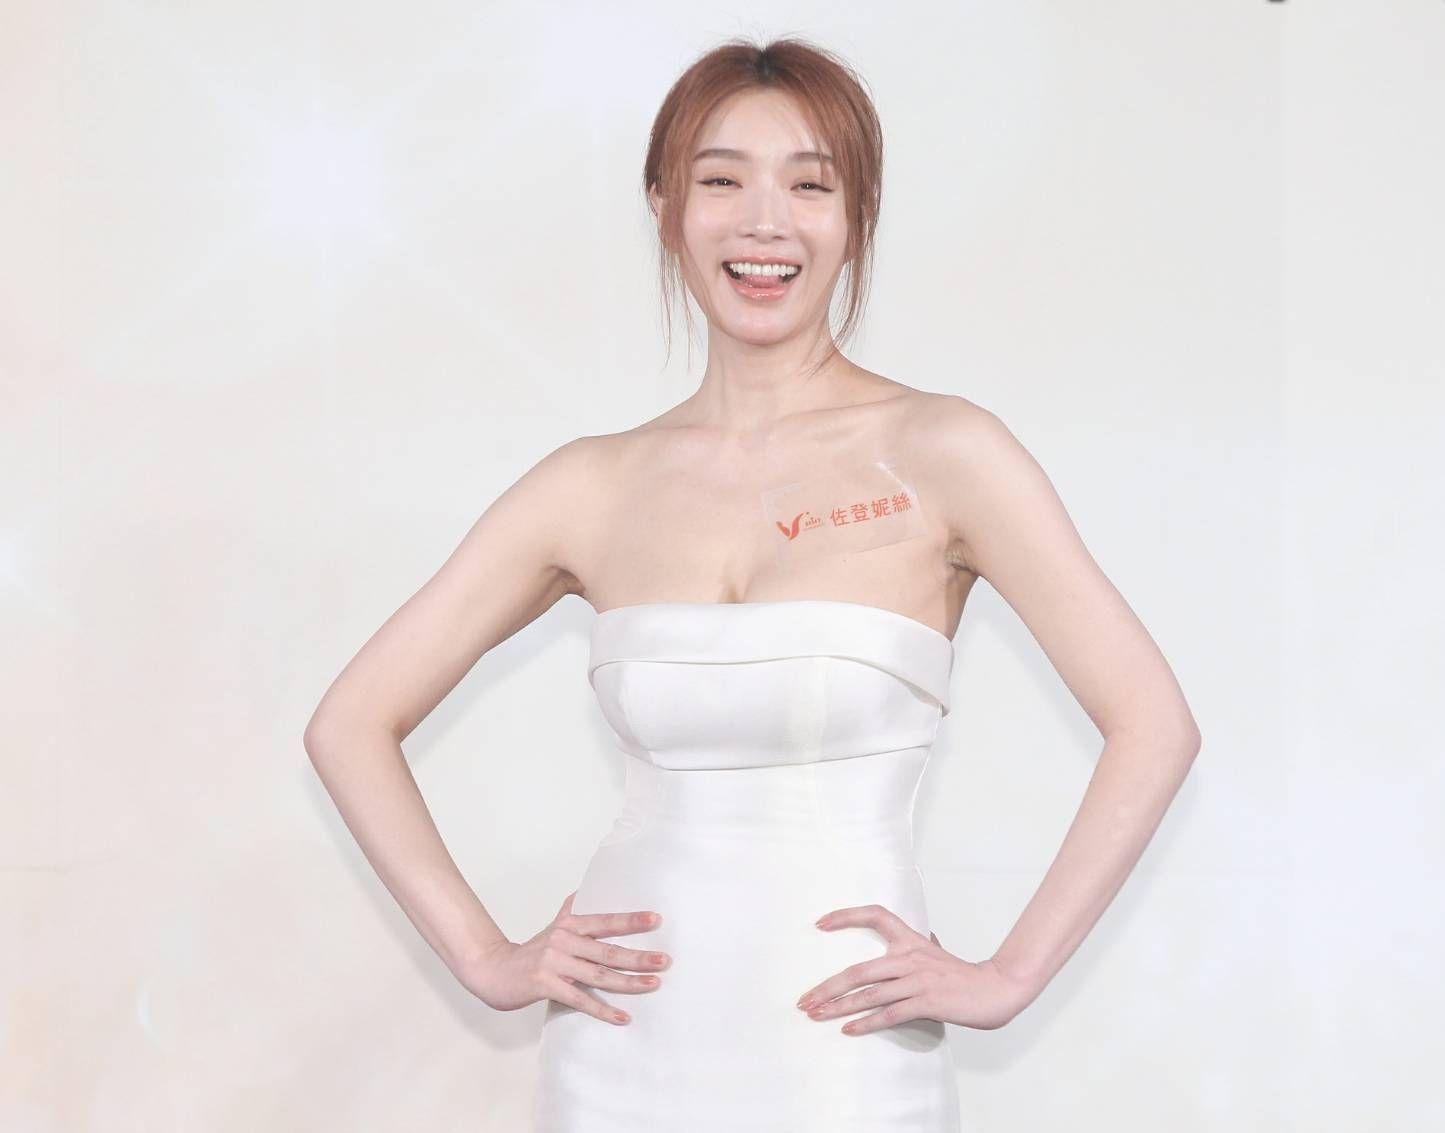 蔡淑臻(記者邱榮吉攝)